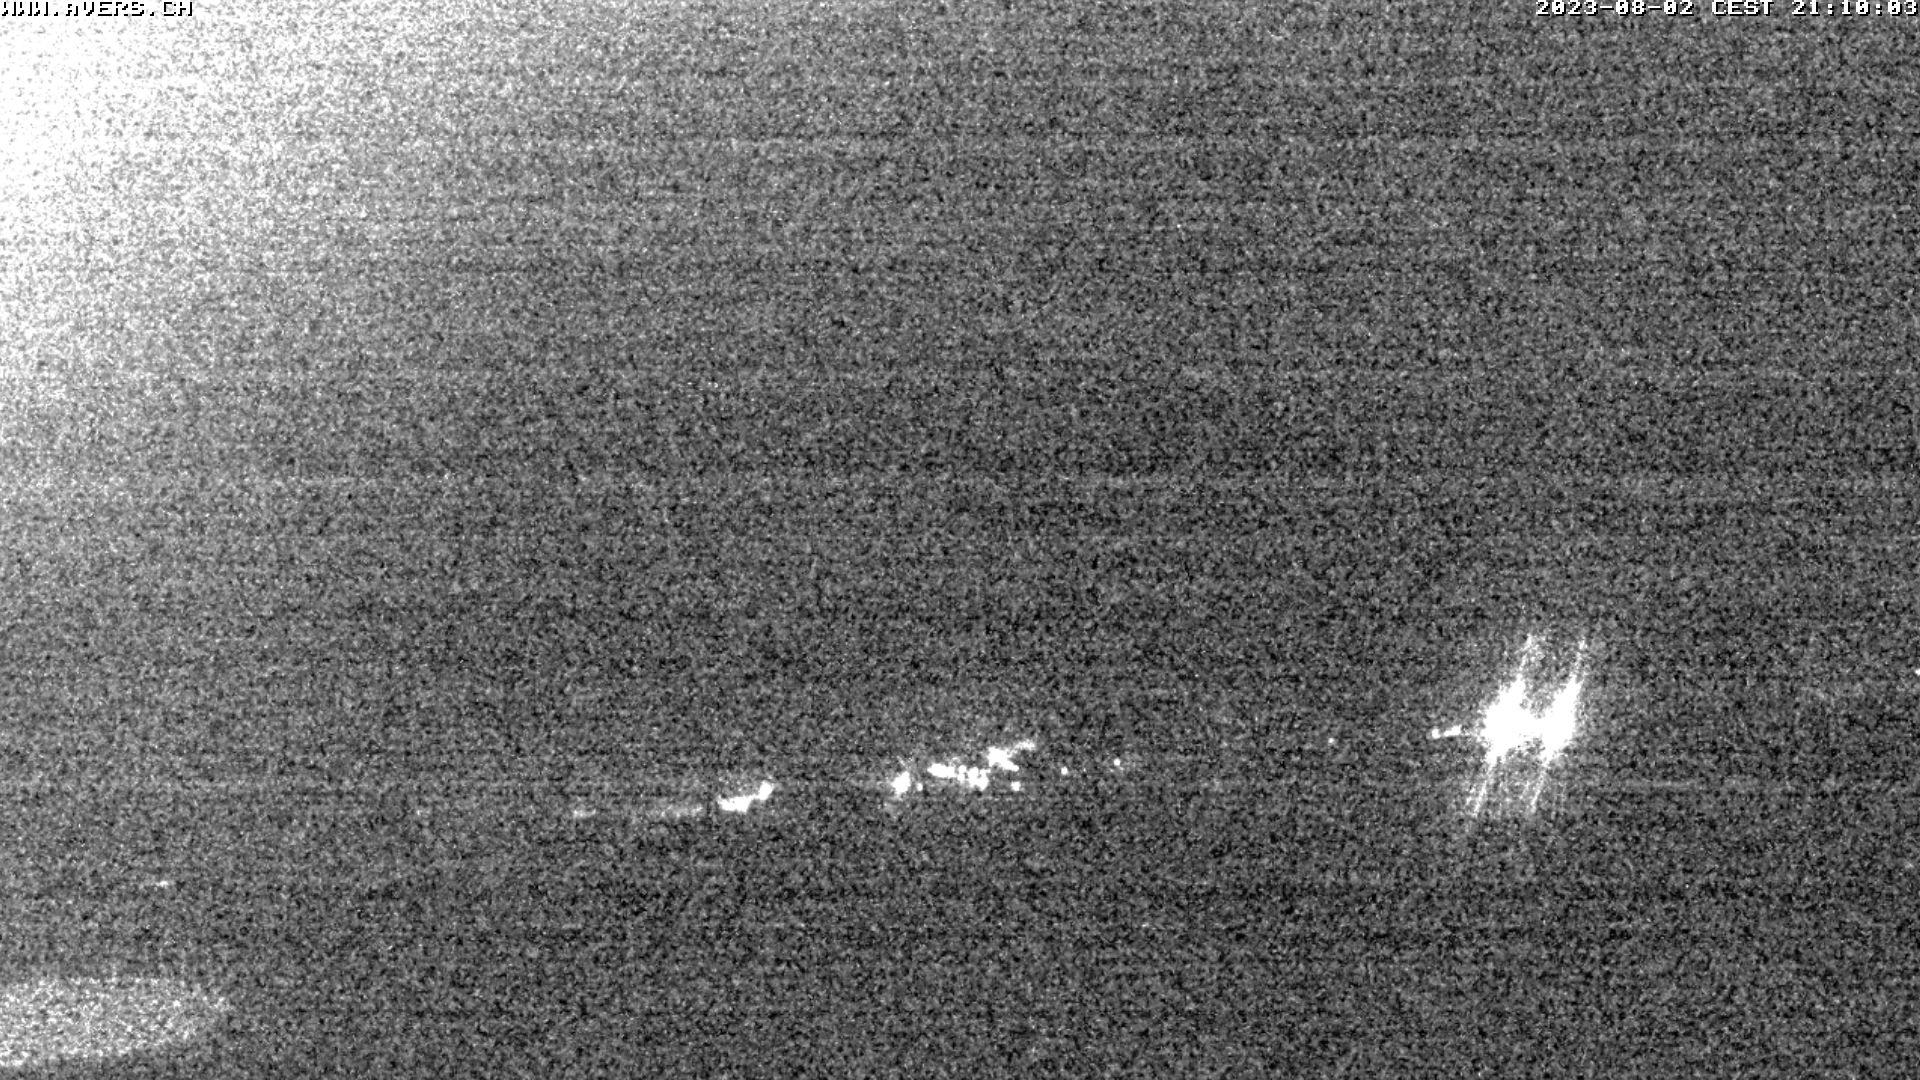 Grossansicht 21h - Avers Skilift Cavetta mit Sicht in die Bregalga.